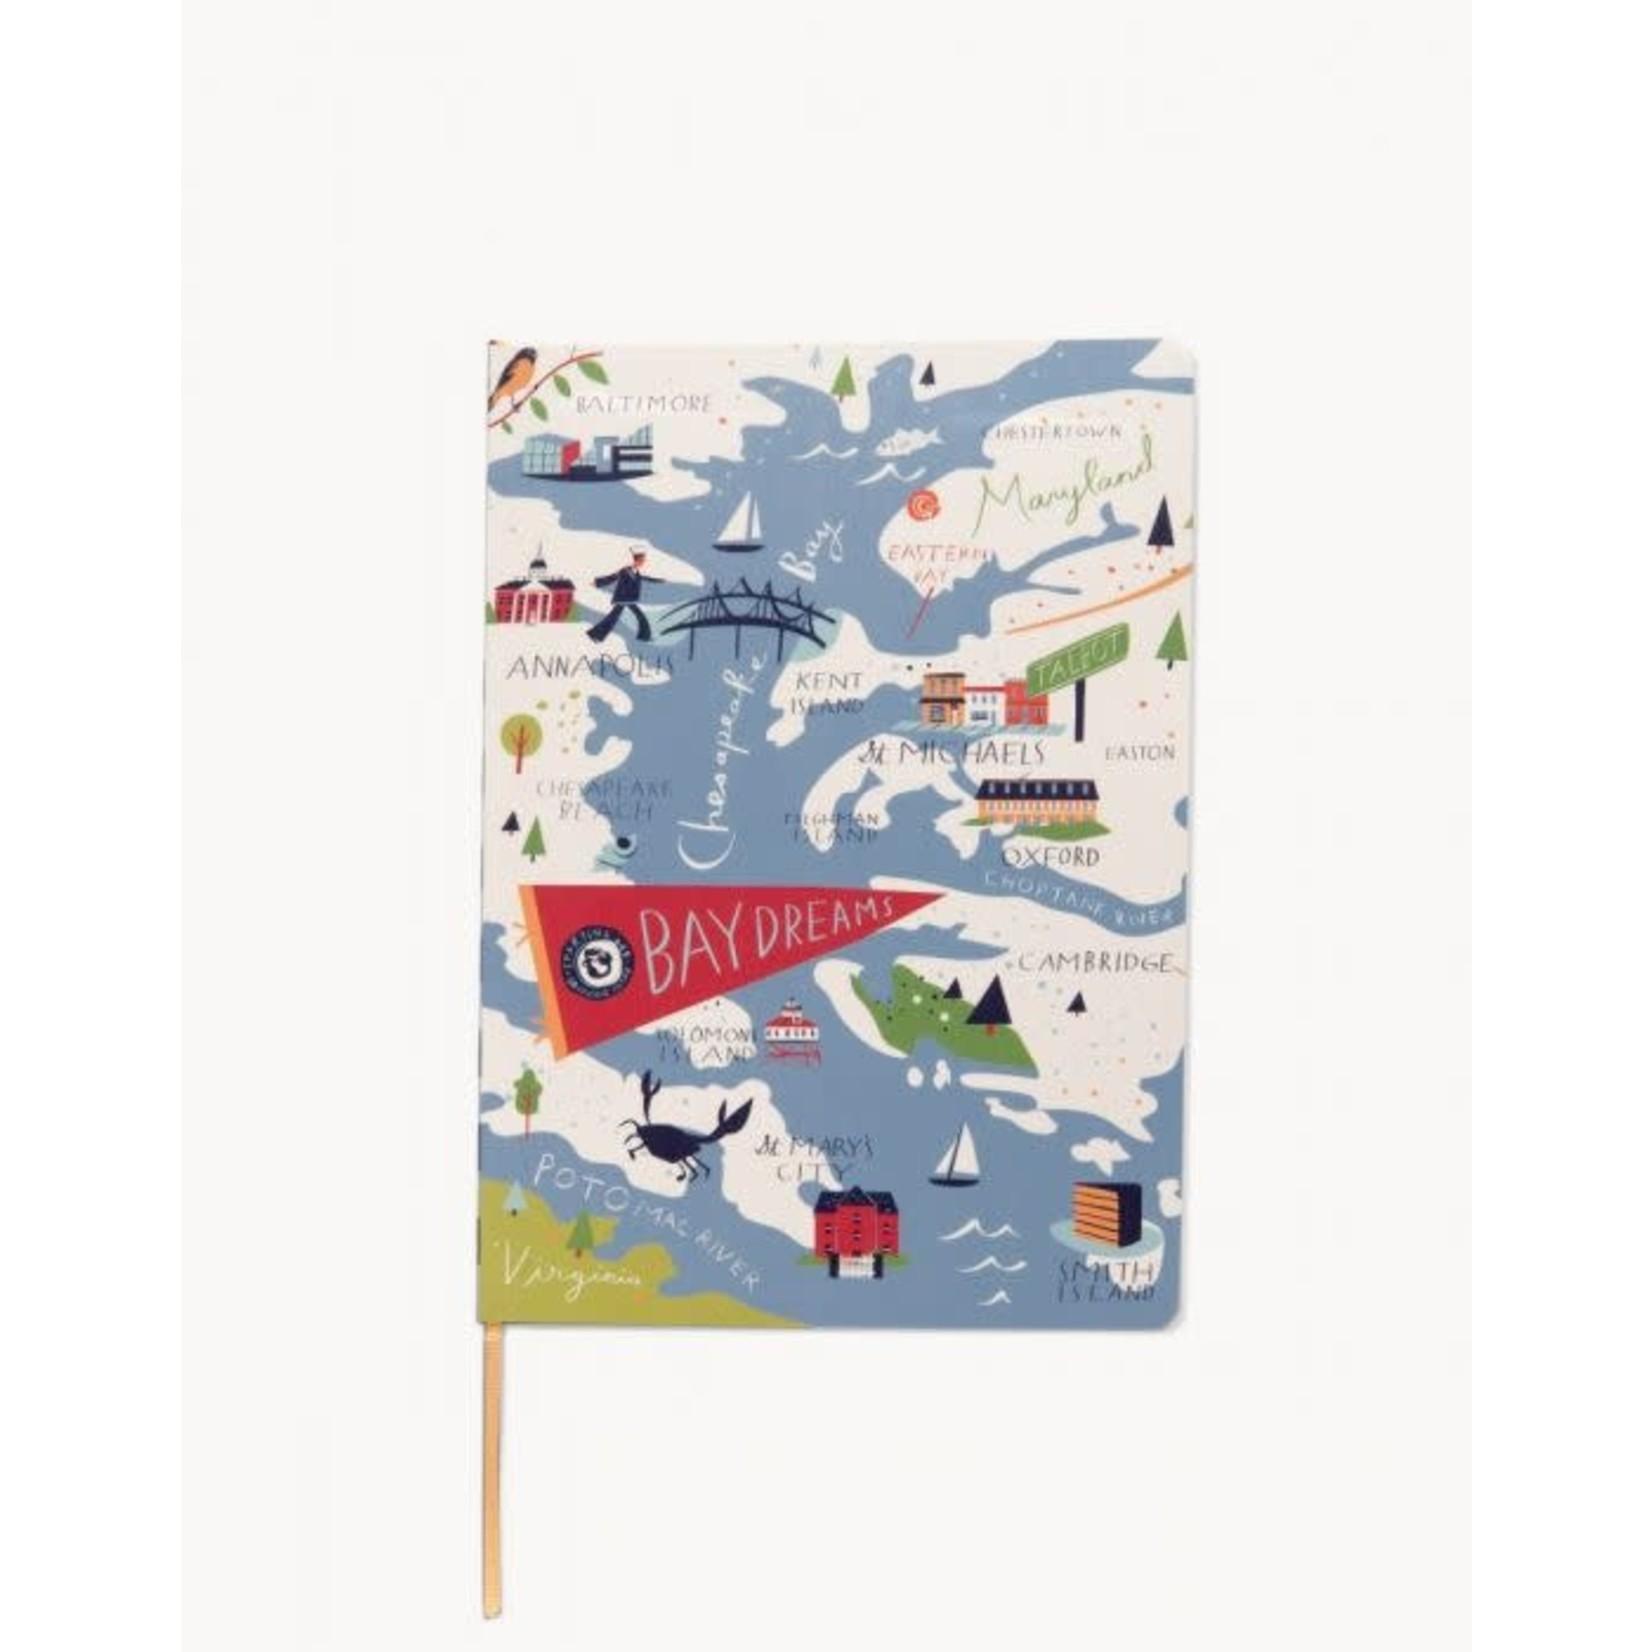 Spartina Bay Dreams Ruled Notebook